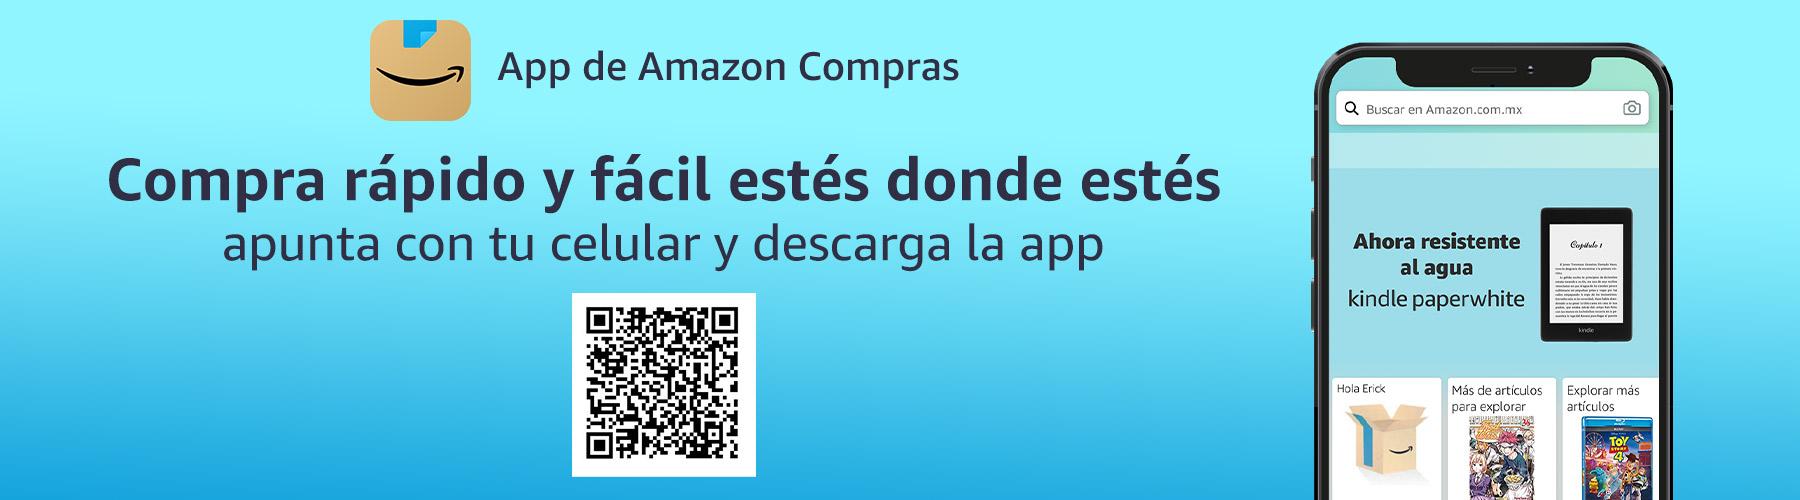 Conoce beneficios de App de Amazon Compras